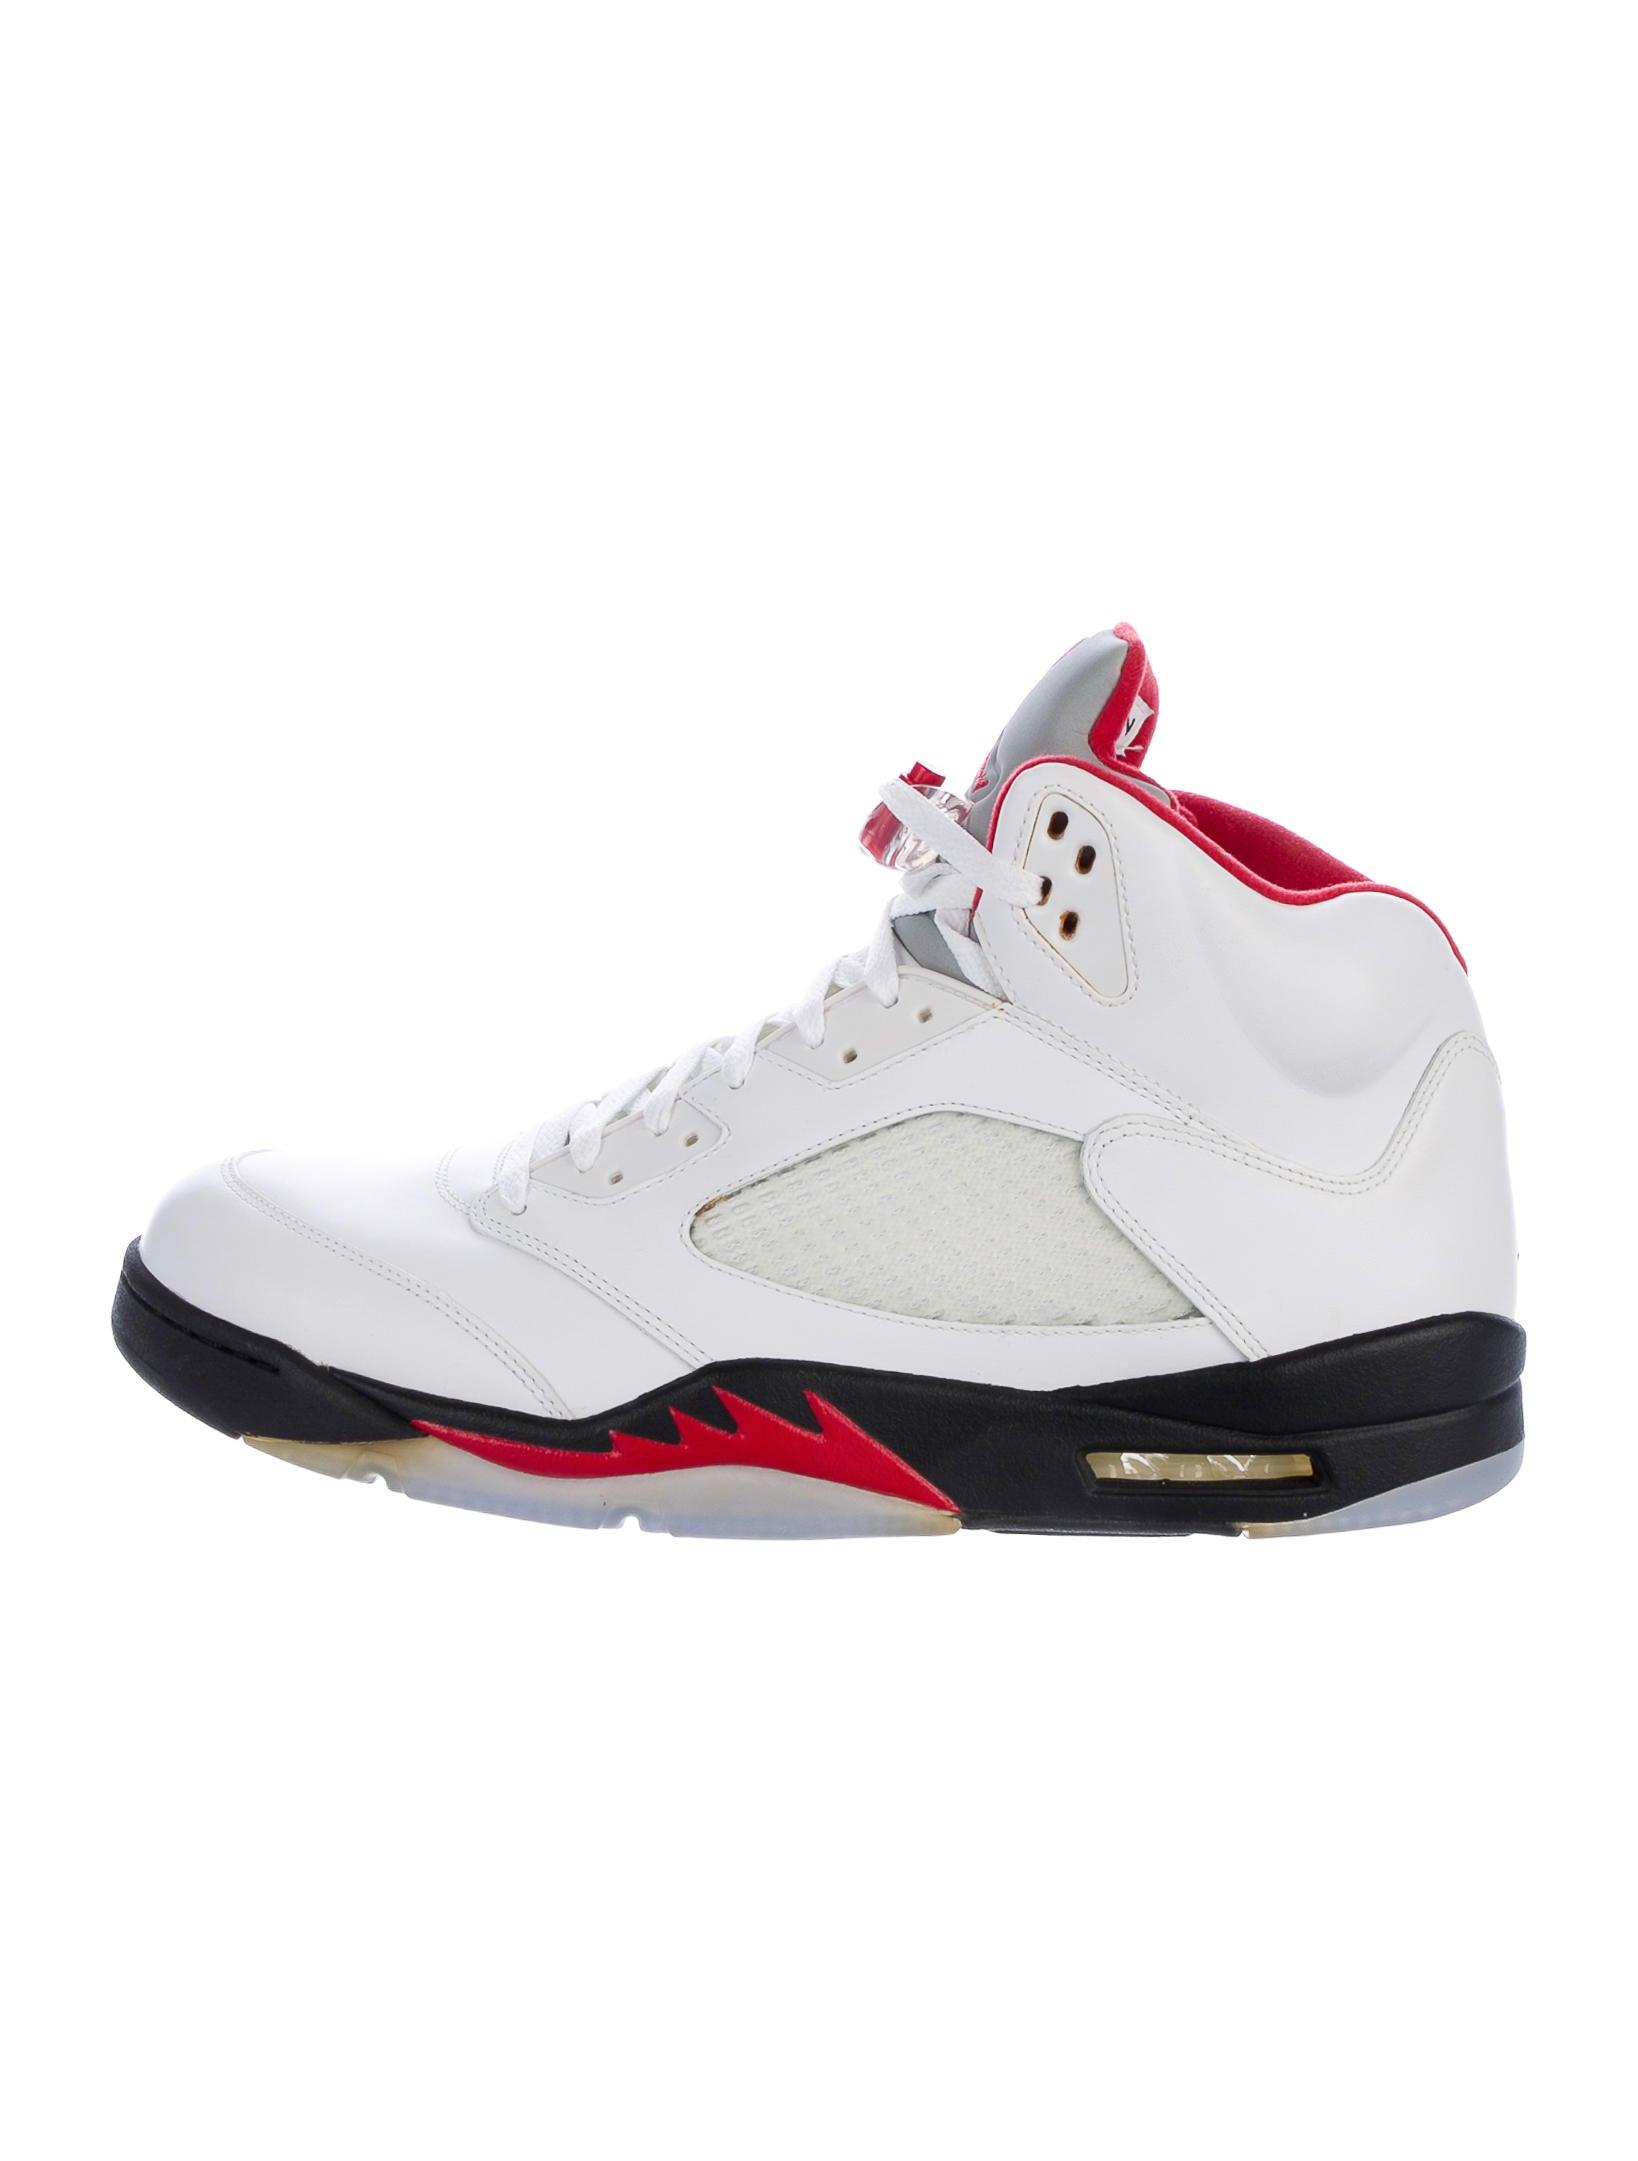 Nike Air Jordan Retro 5 Fire Red Sneakers Shoes